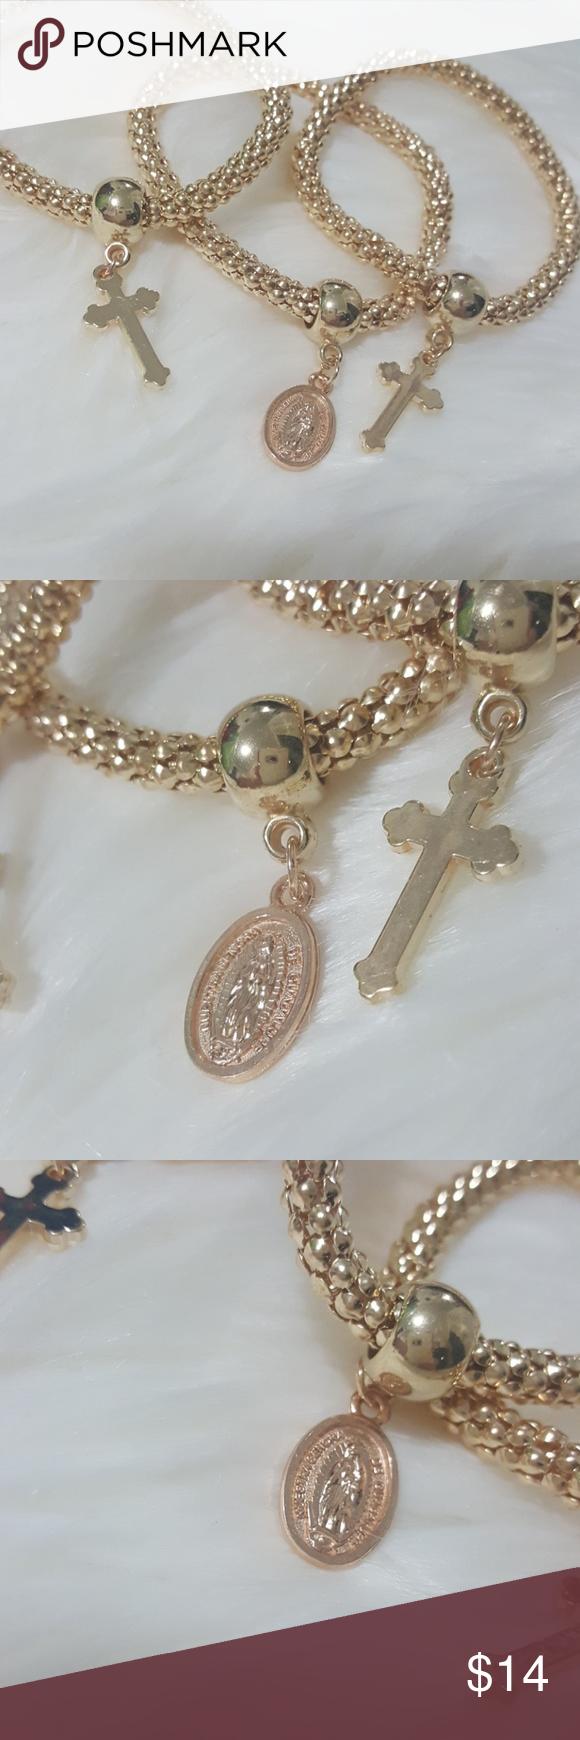 Our lady of guadalupe bracelet set bracelet set jewelry bracelets